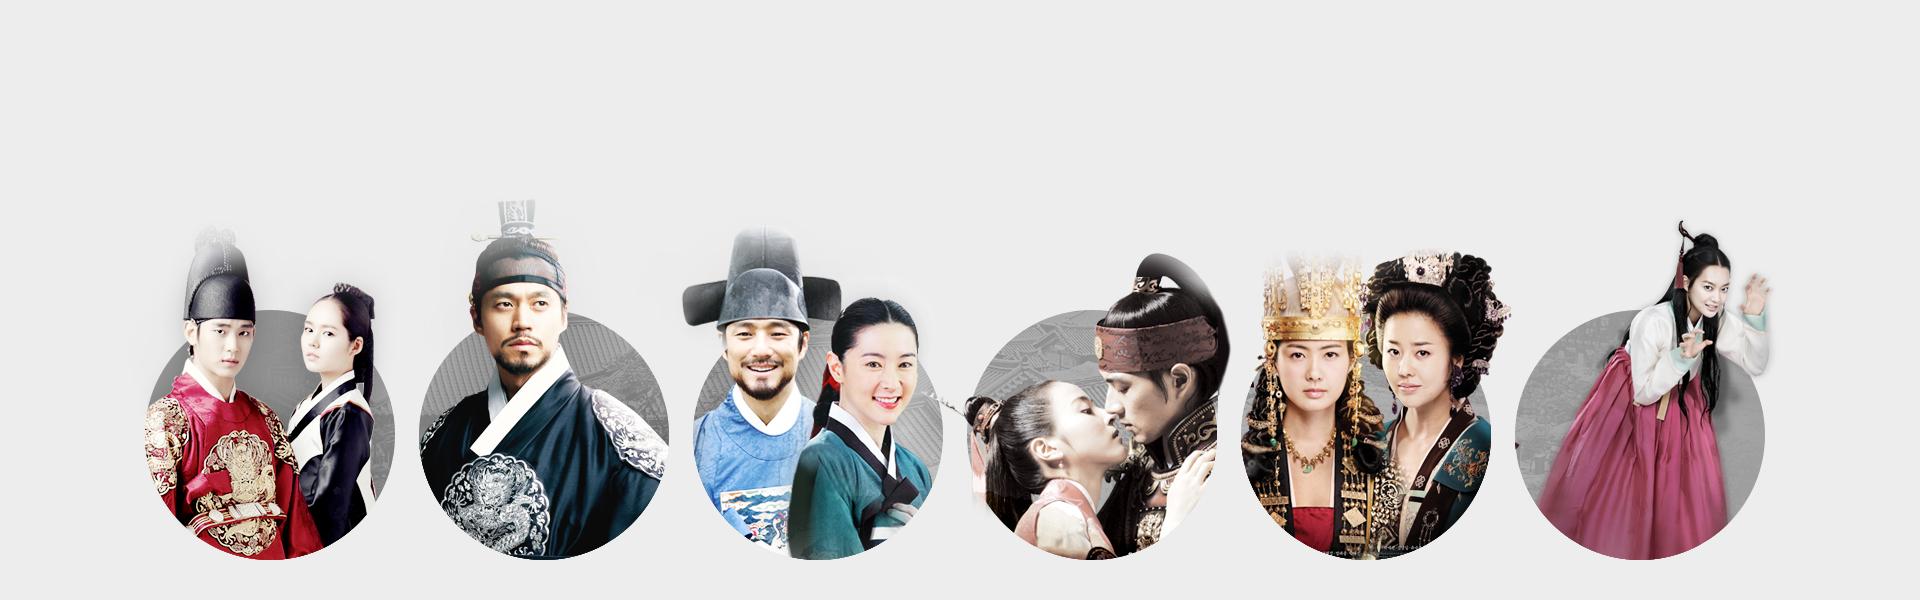 대장금, 주몽, 선덕여왕, 동이, 이산, 해를 품은 달, 구가의 서, 기황후, 화정 등<strong>MBC의 주옥같은 작품 탄생지</strong>